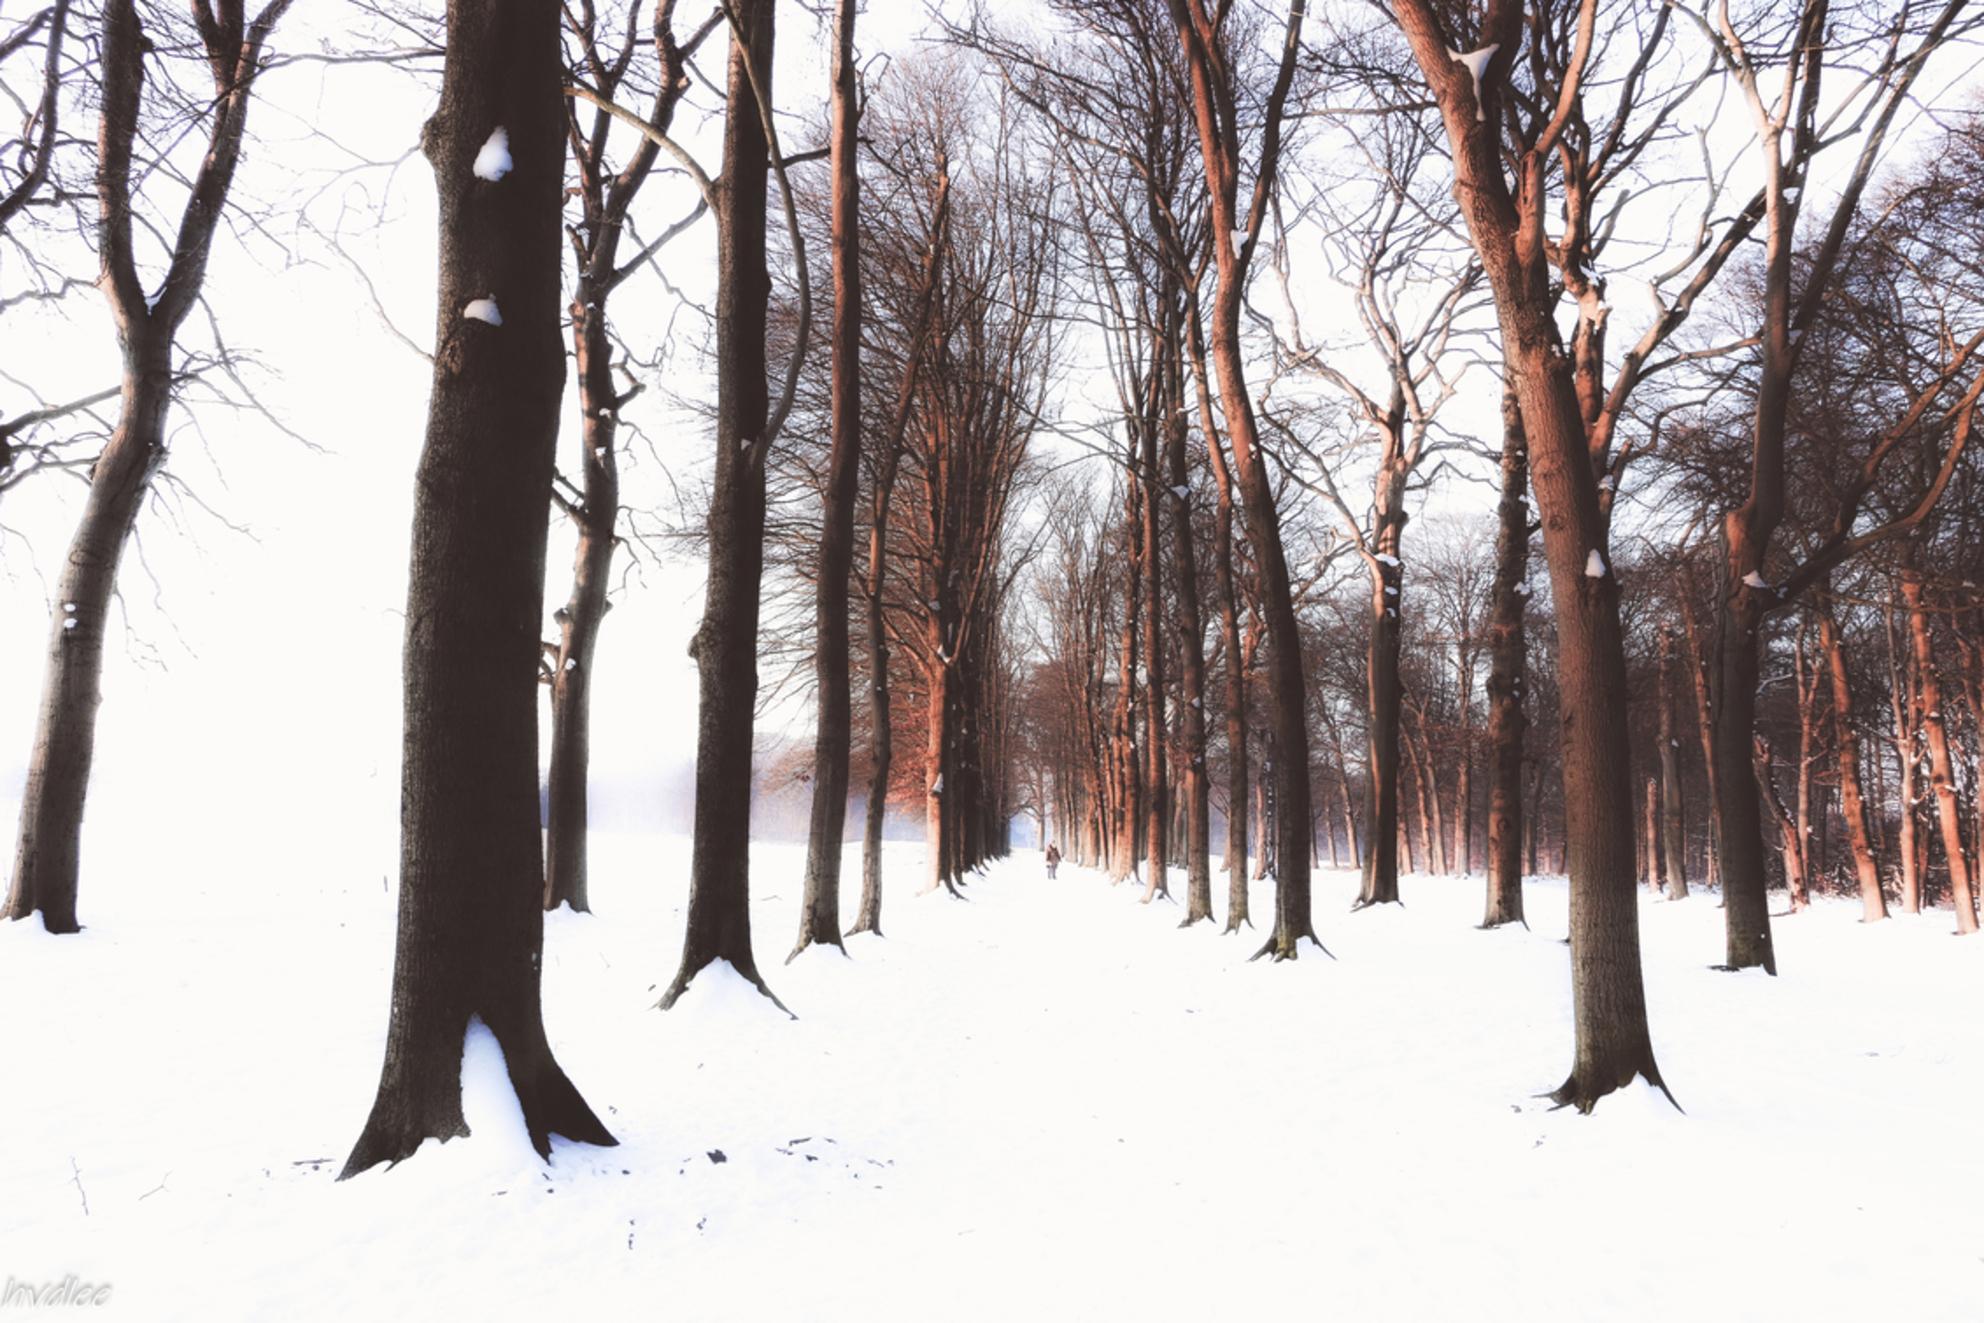 Beuken in de winter - Beuken in Leersum (worden waarschijnlijk in 2021 gekapt, 650 stuks!) Bedankt voor de aardige reacties op eerdere foto's. - foto door hilda1 op 12-02-2021 - deze foto bevat: natuur, winter, landschap, bomen, beuken - Deze foto mag gebruikt worden in een Zoom.nl publicatie